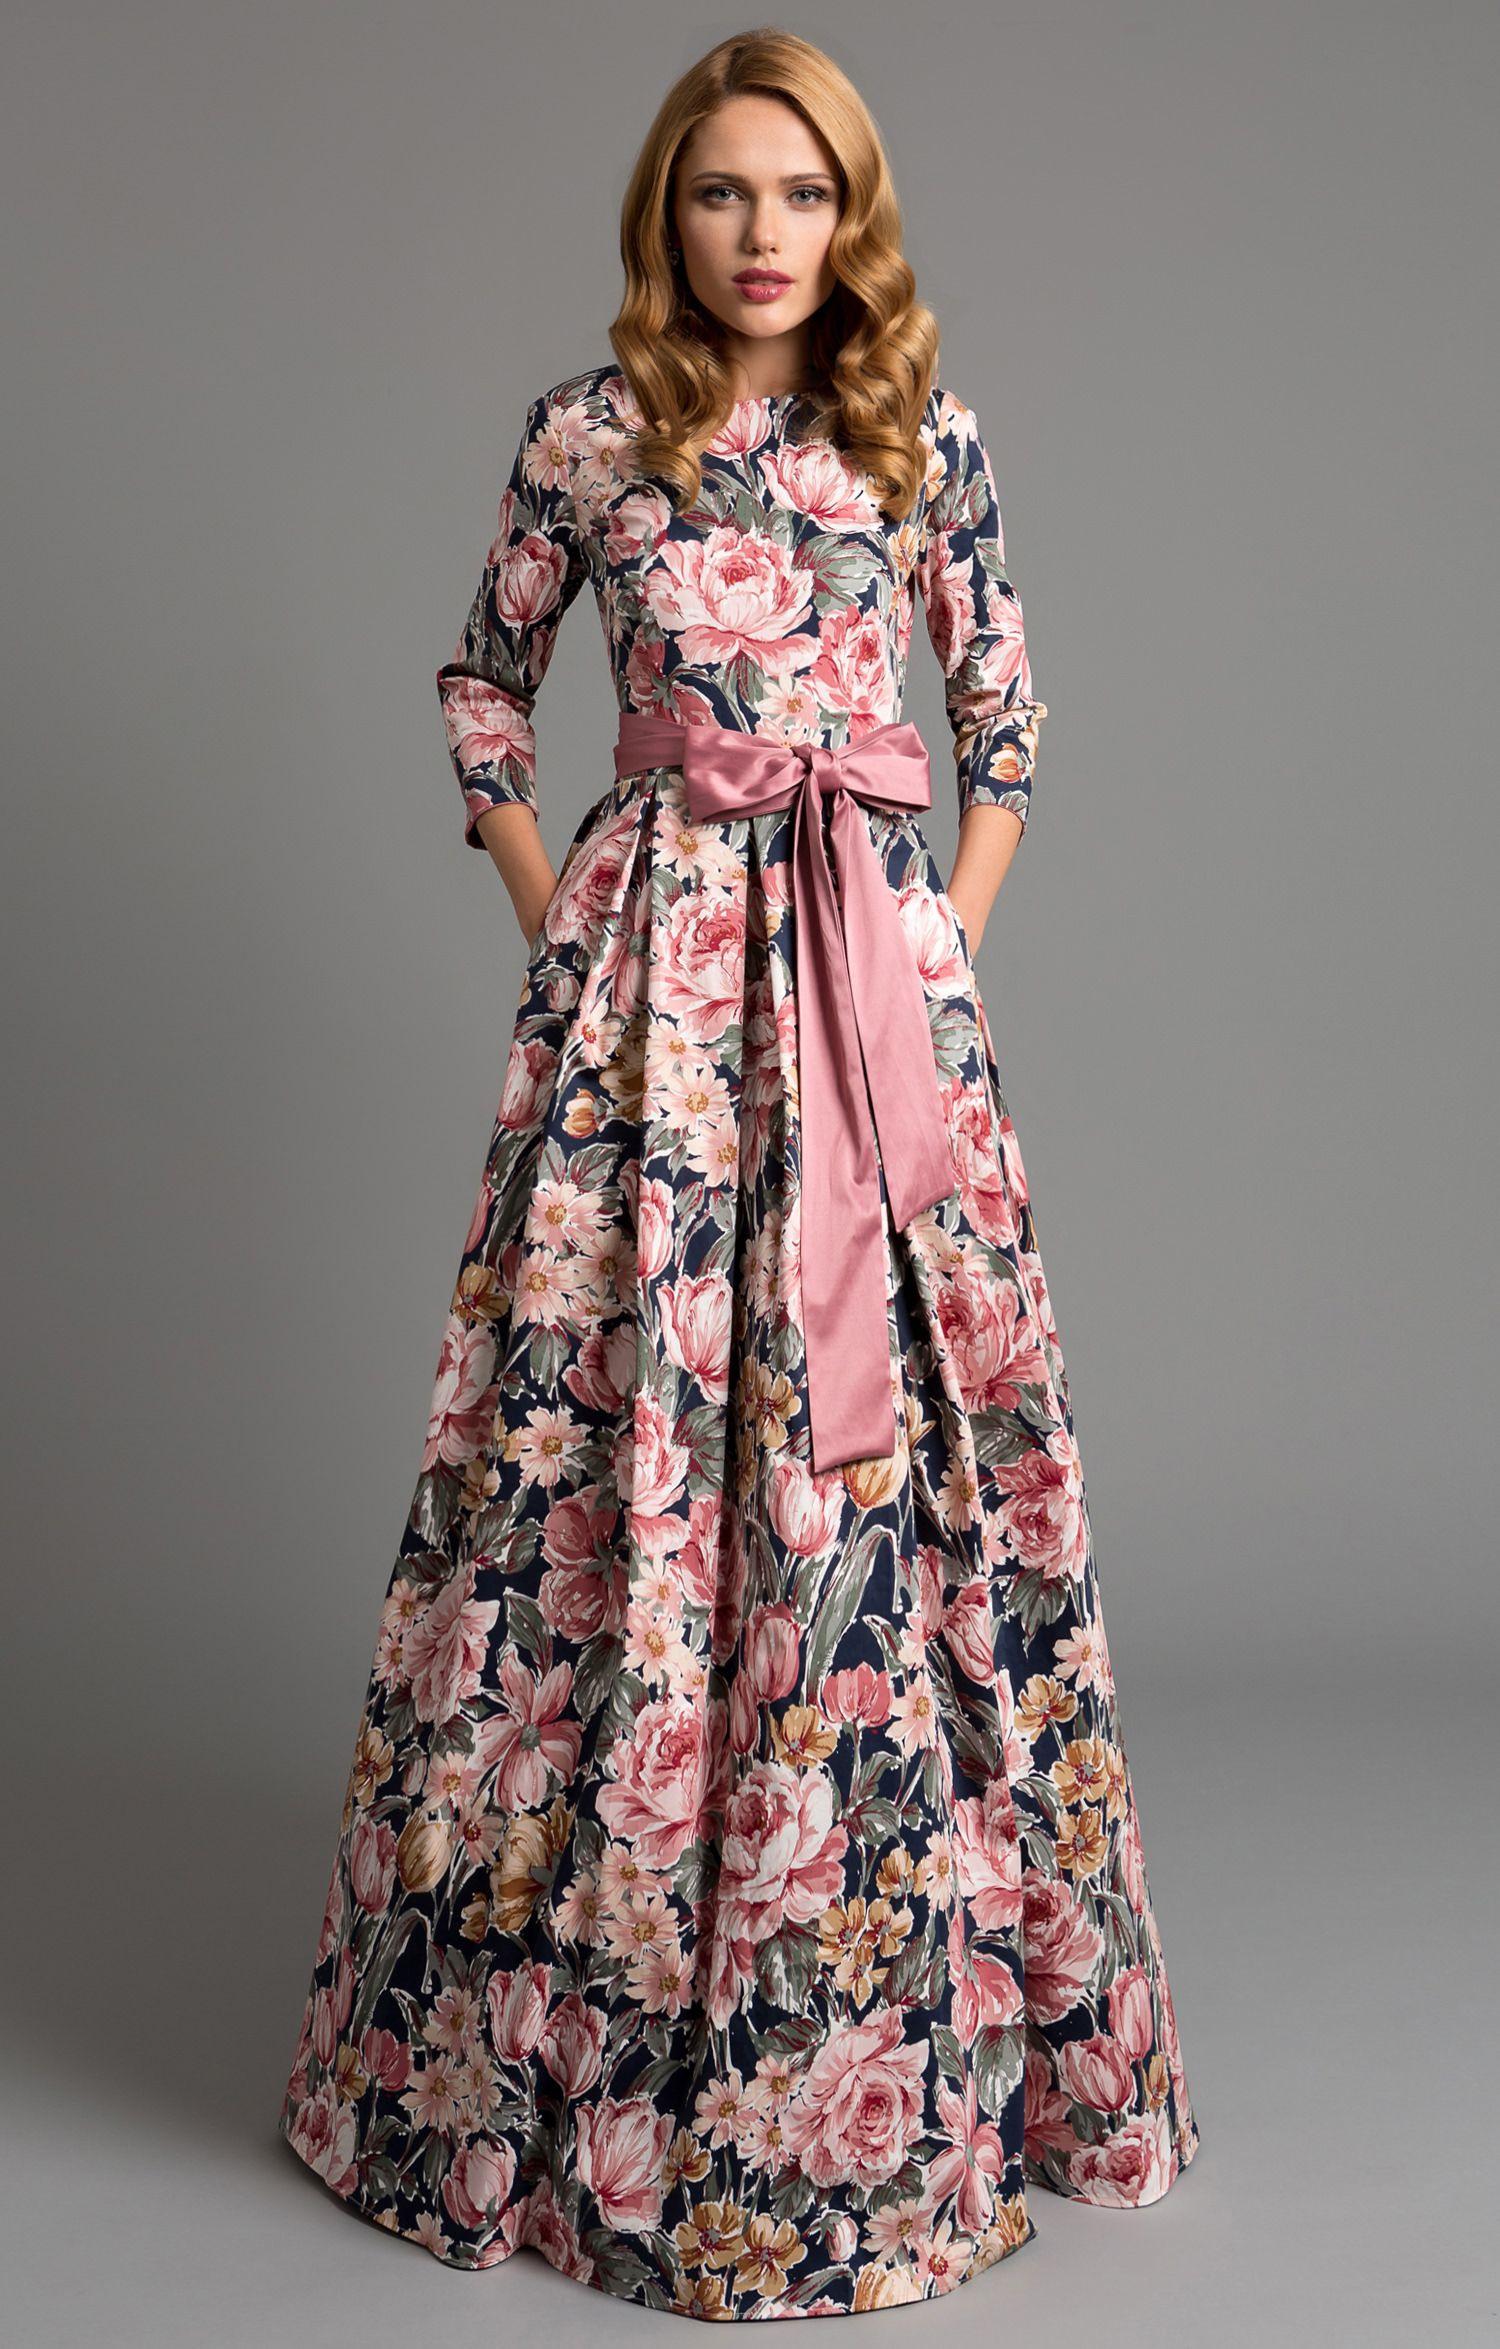 Abend Fantastisch Abendkleid Blumen Stylish20 Leicht Abendkleid Blumen Ärmel